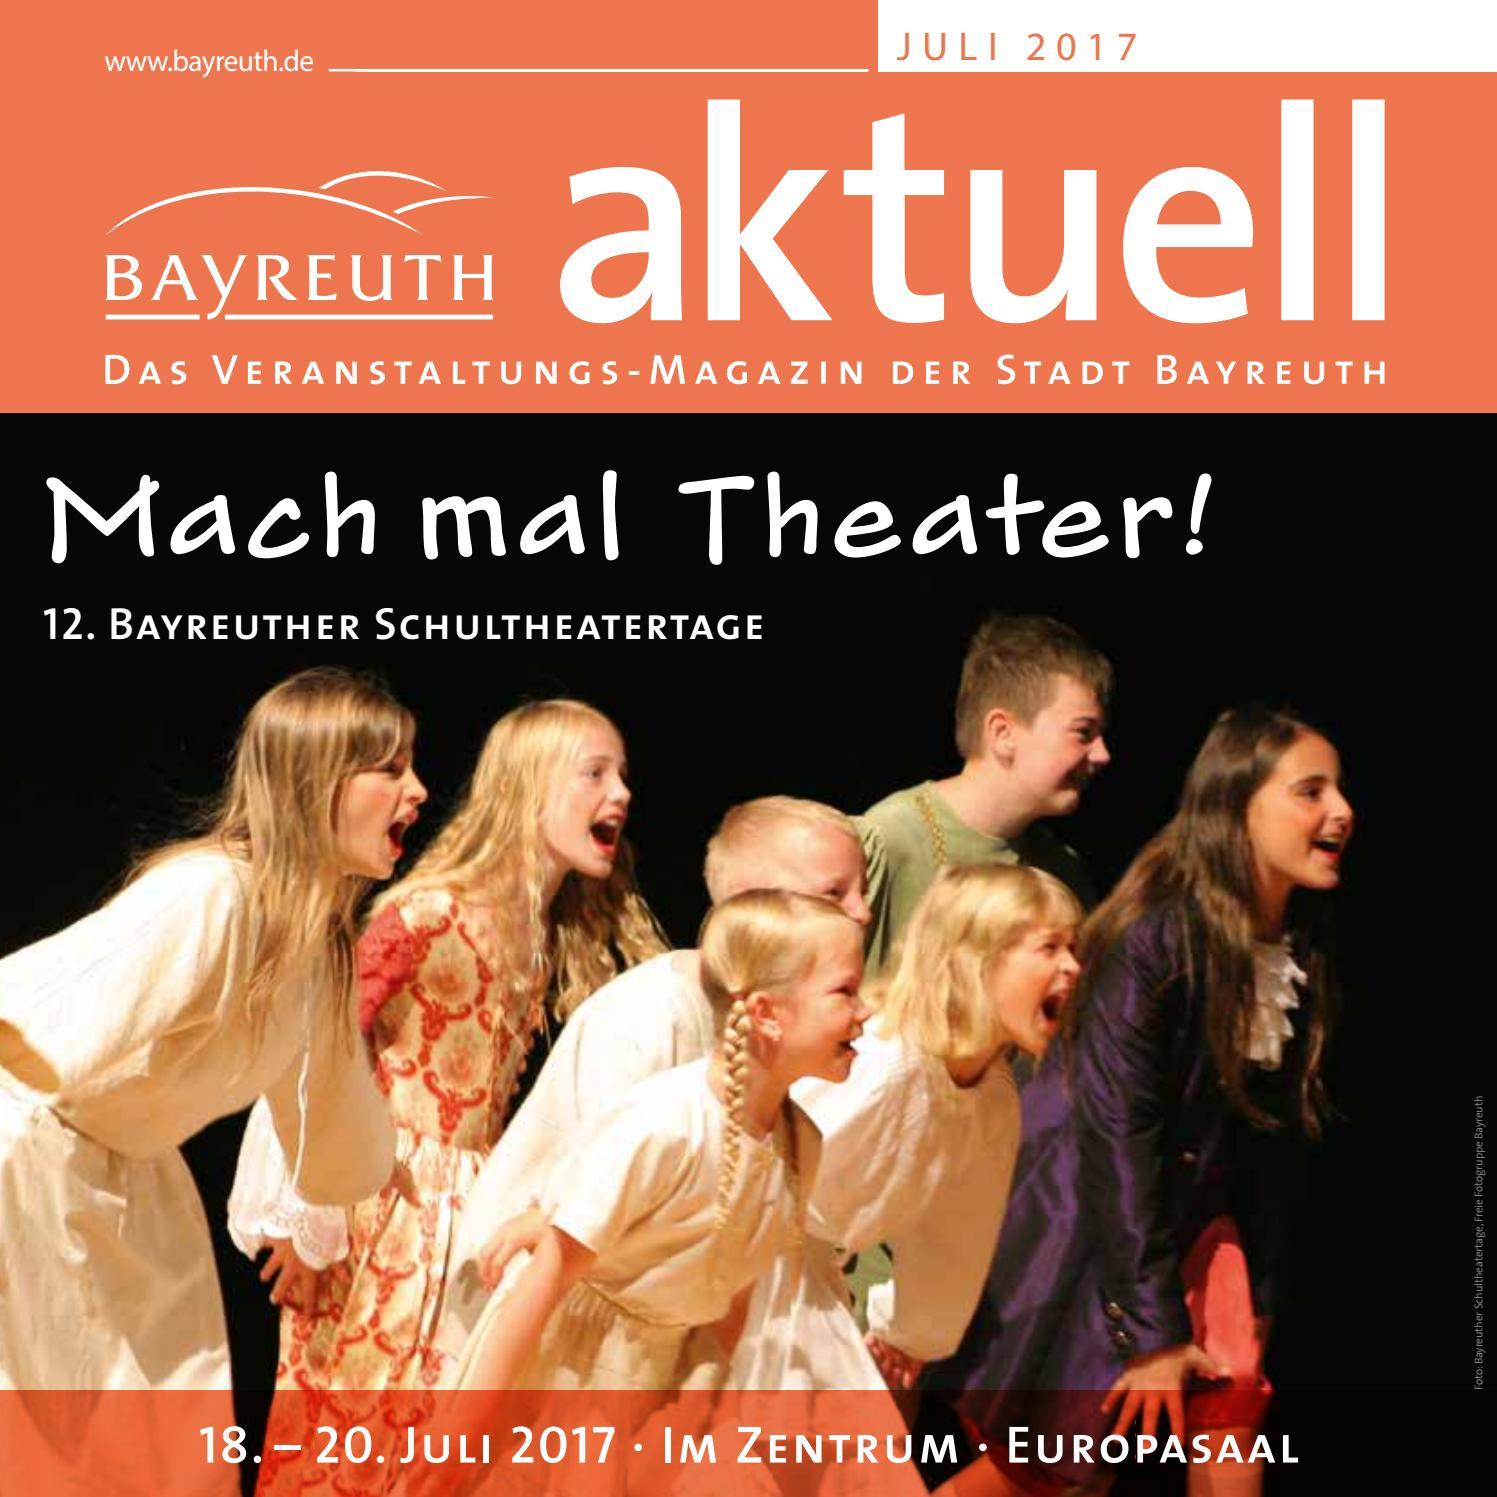 Comedy & Kabarett Bayreuther Festspiele Tickets Bayreuth Gute Begleiter FüR Kinder Sowie Erwachsene